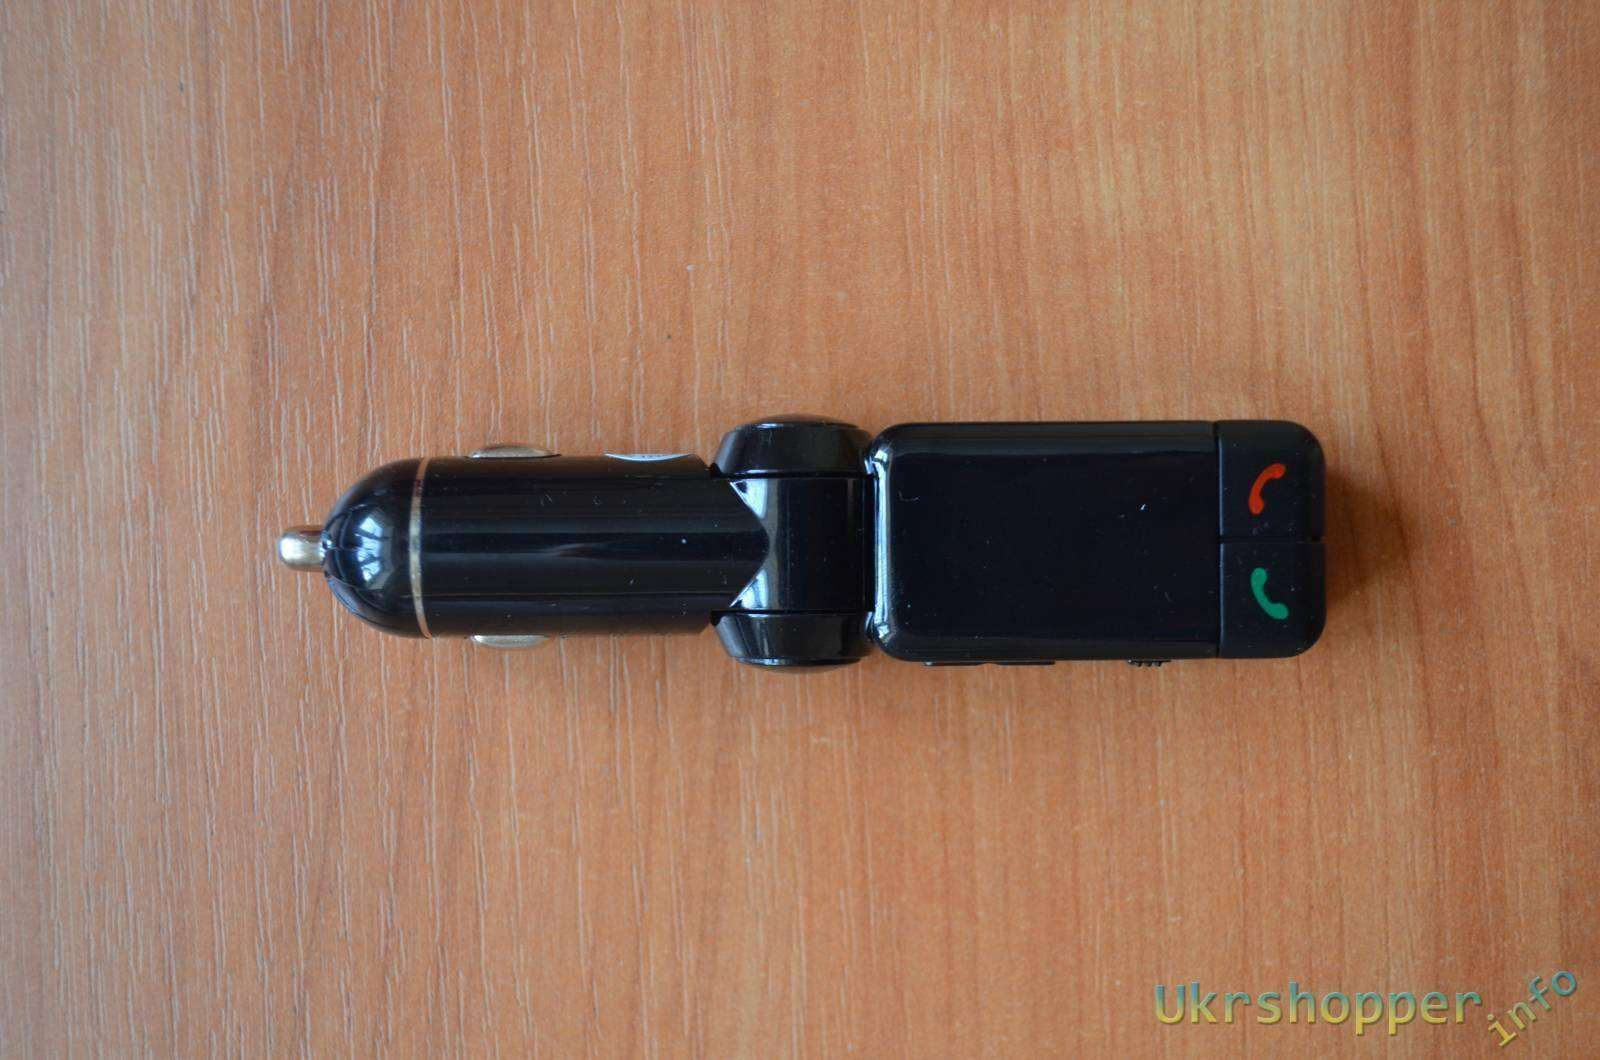 Banggood: FM модулятор с Bluetooth для автомобиля